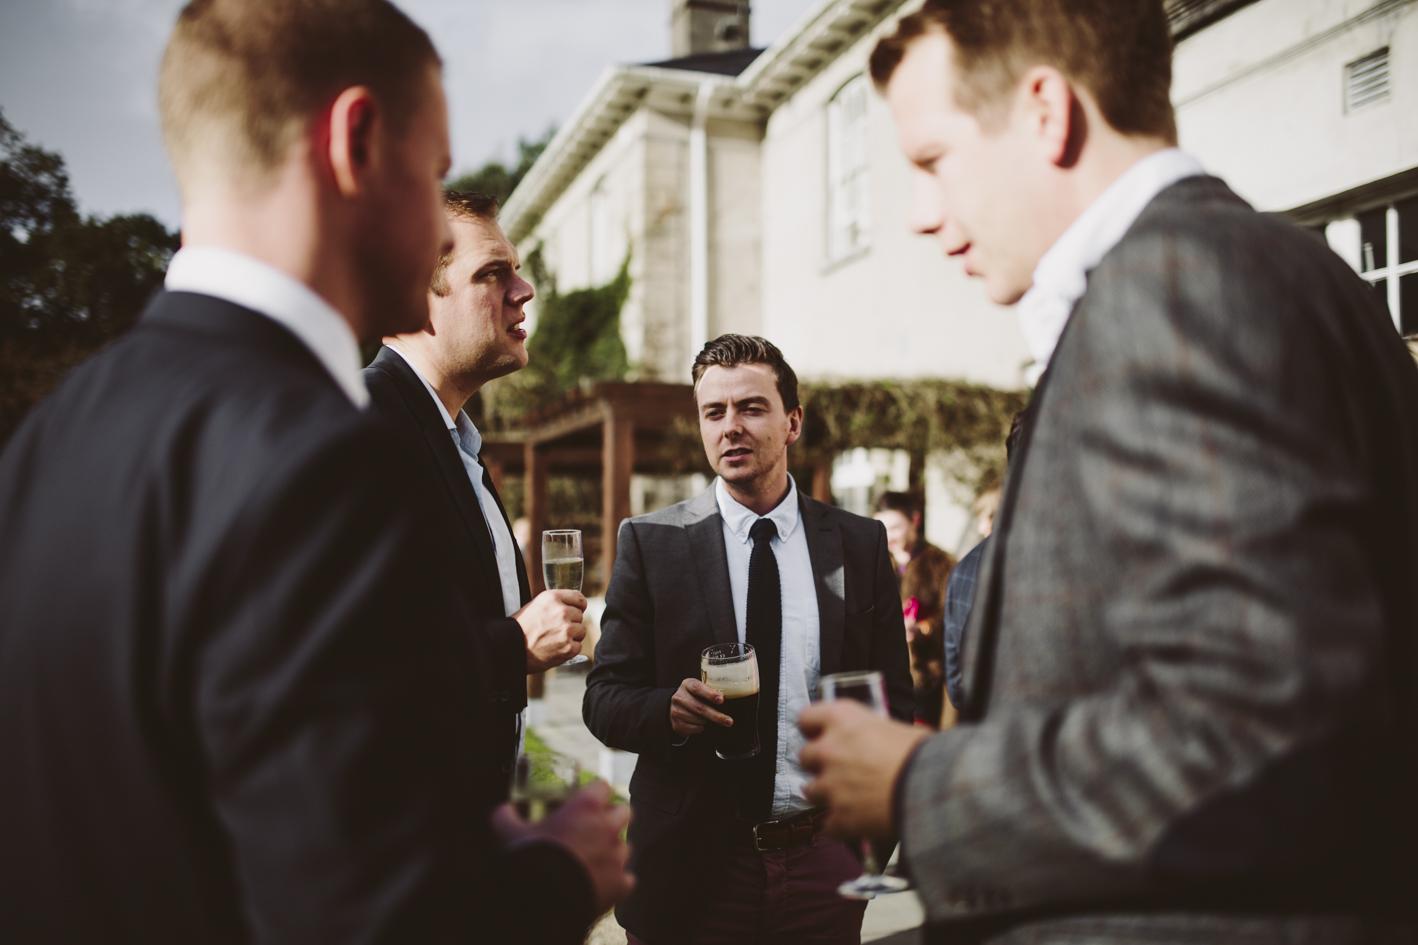 Wedding photographer Ireland Graciela Vilagudin 825.jpg